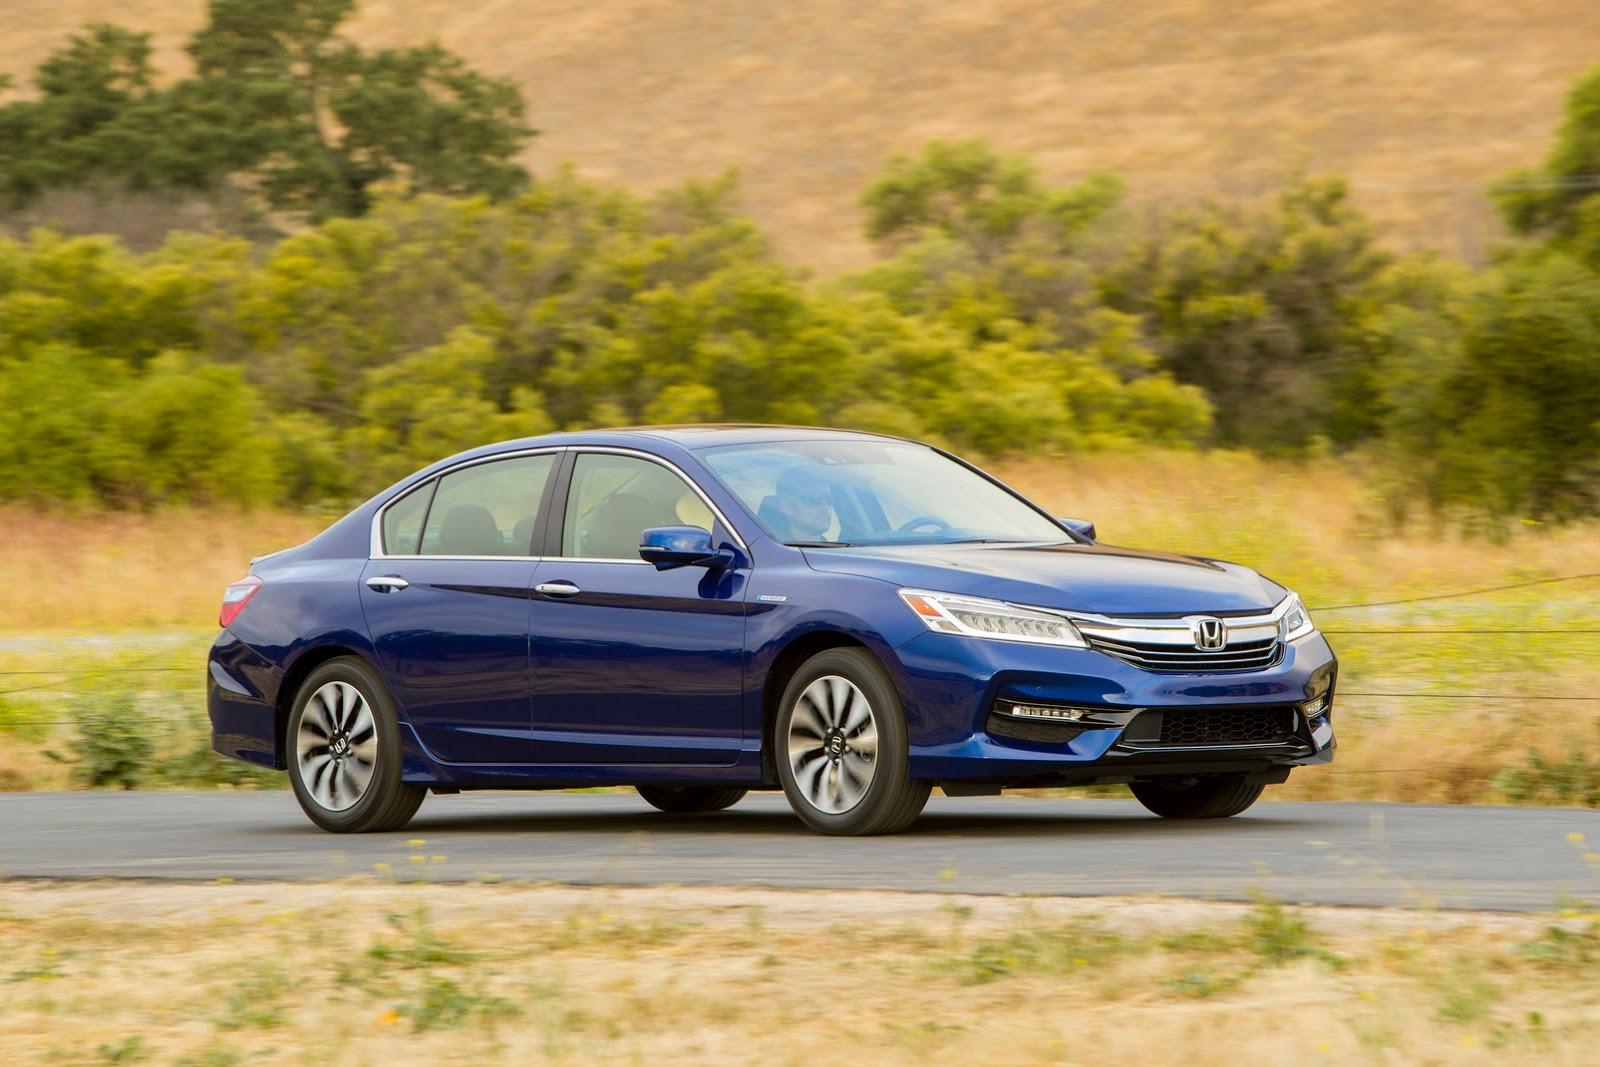 Hãng Honda đã tung ra phiên bản nâng cấp của mẫu xe Accord Hybrid tại thị trường Mỹ.